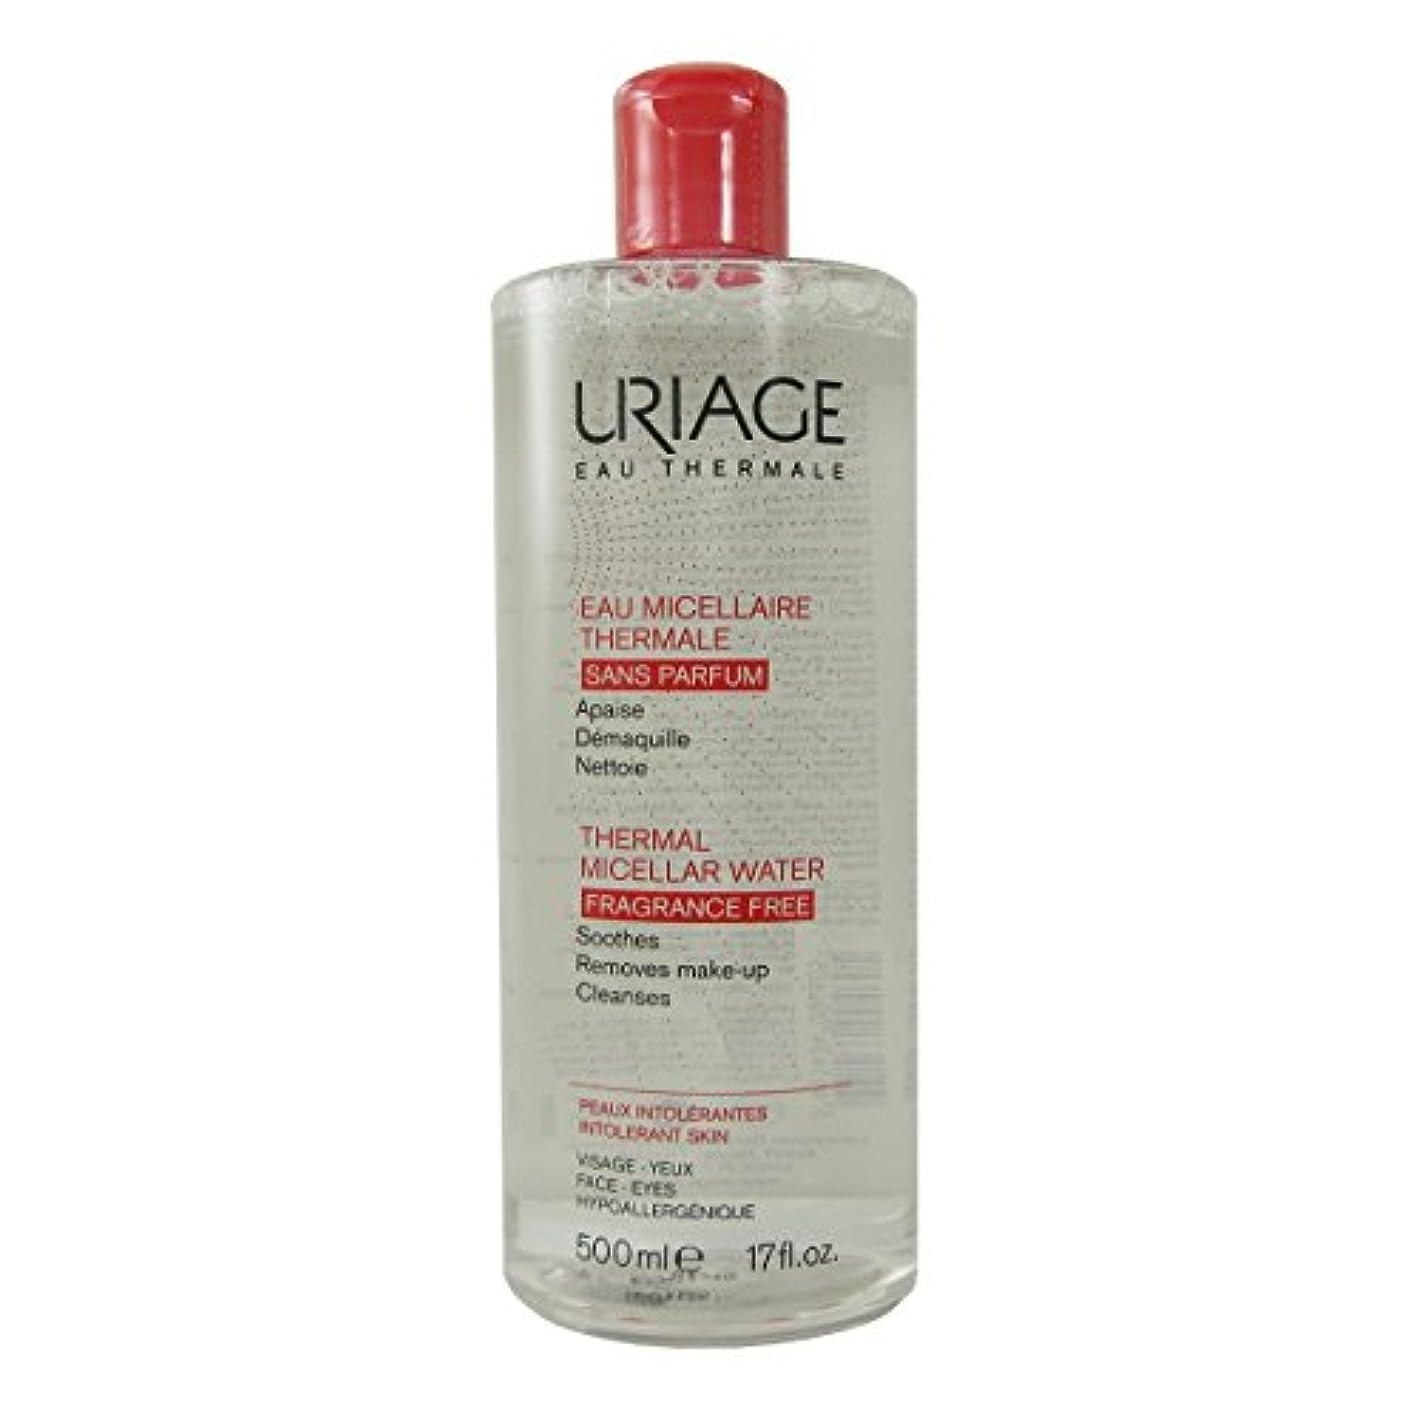 習字ドリル配分Uriage Thermal Micellar Water Fragrance Free Intolerant Skin 500ml [並行輸入品]